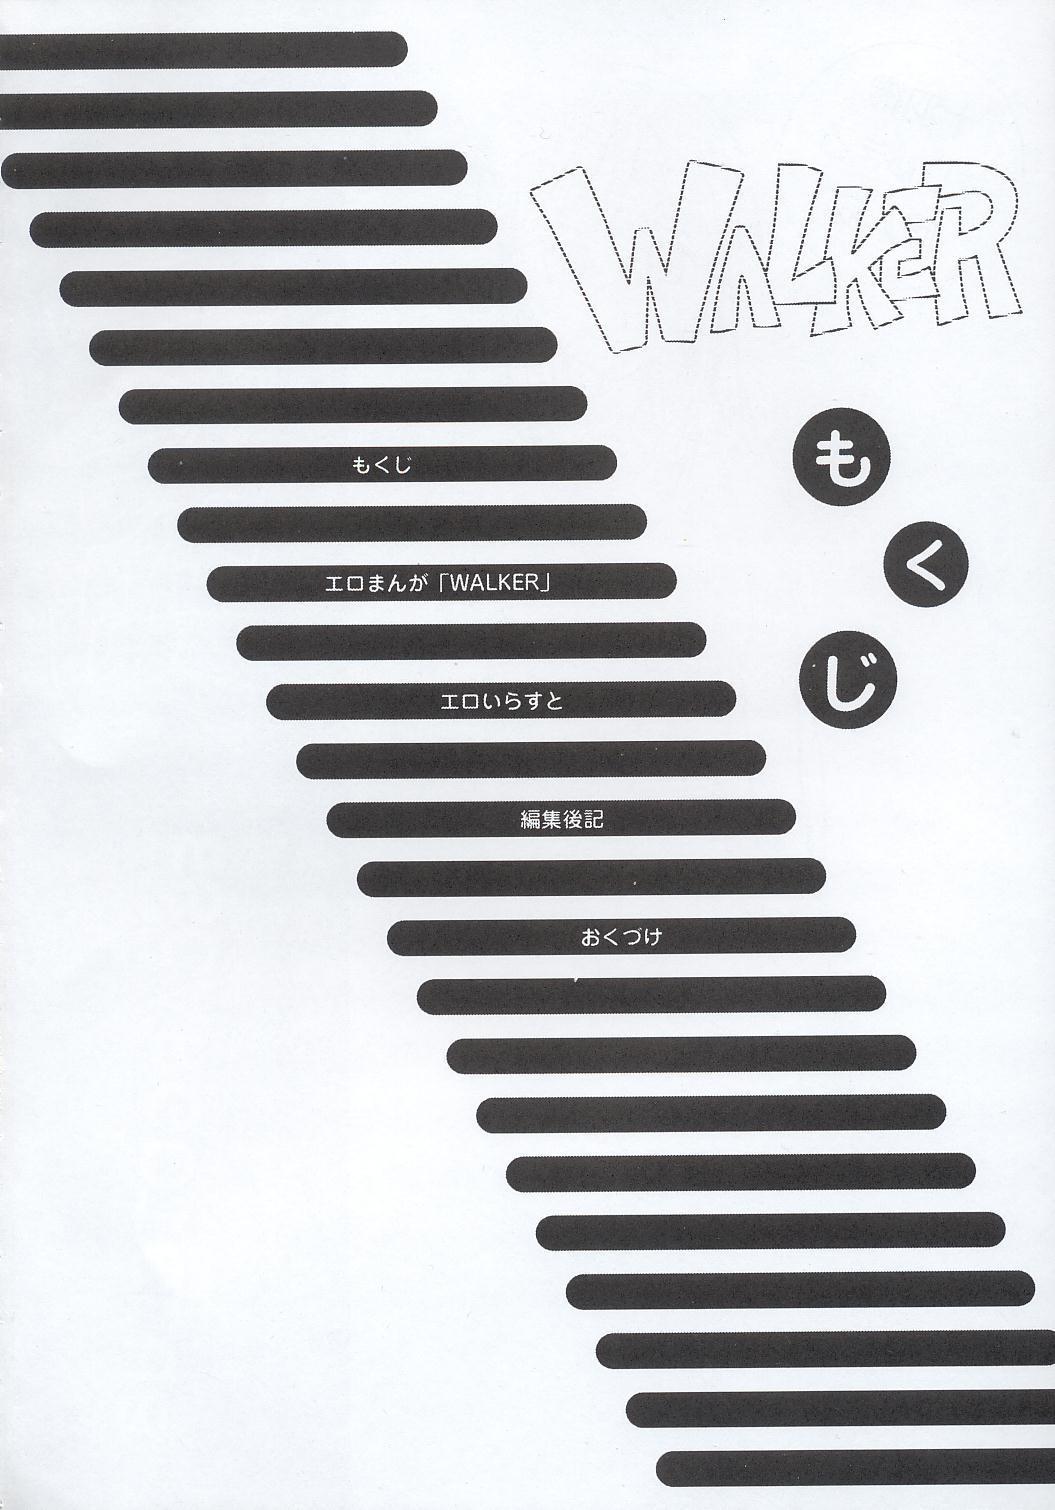 WALKER 2